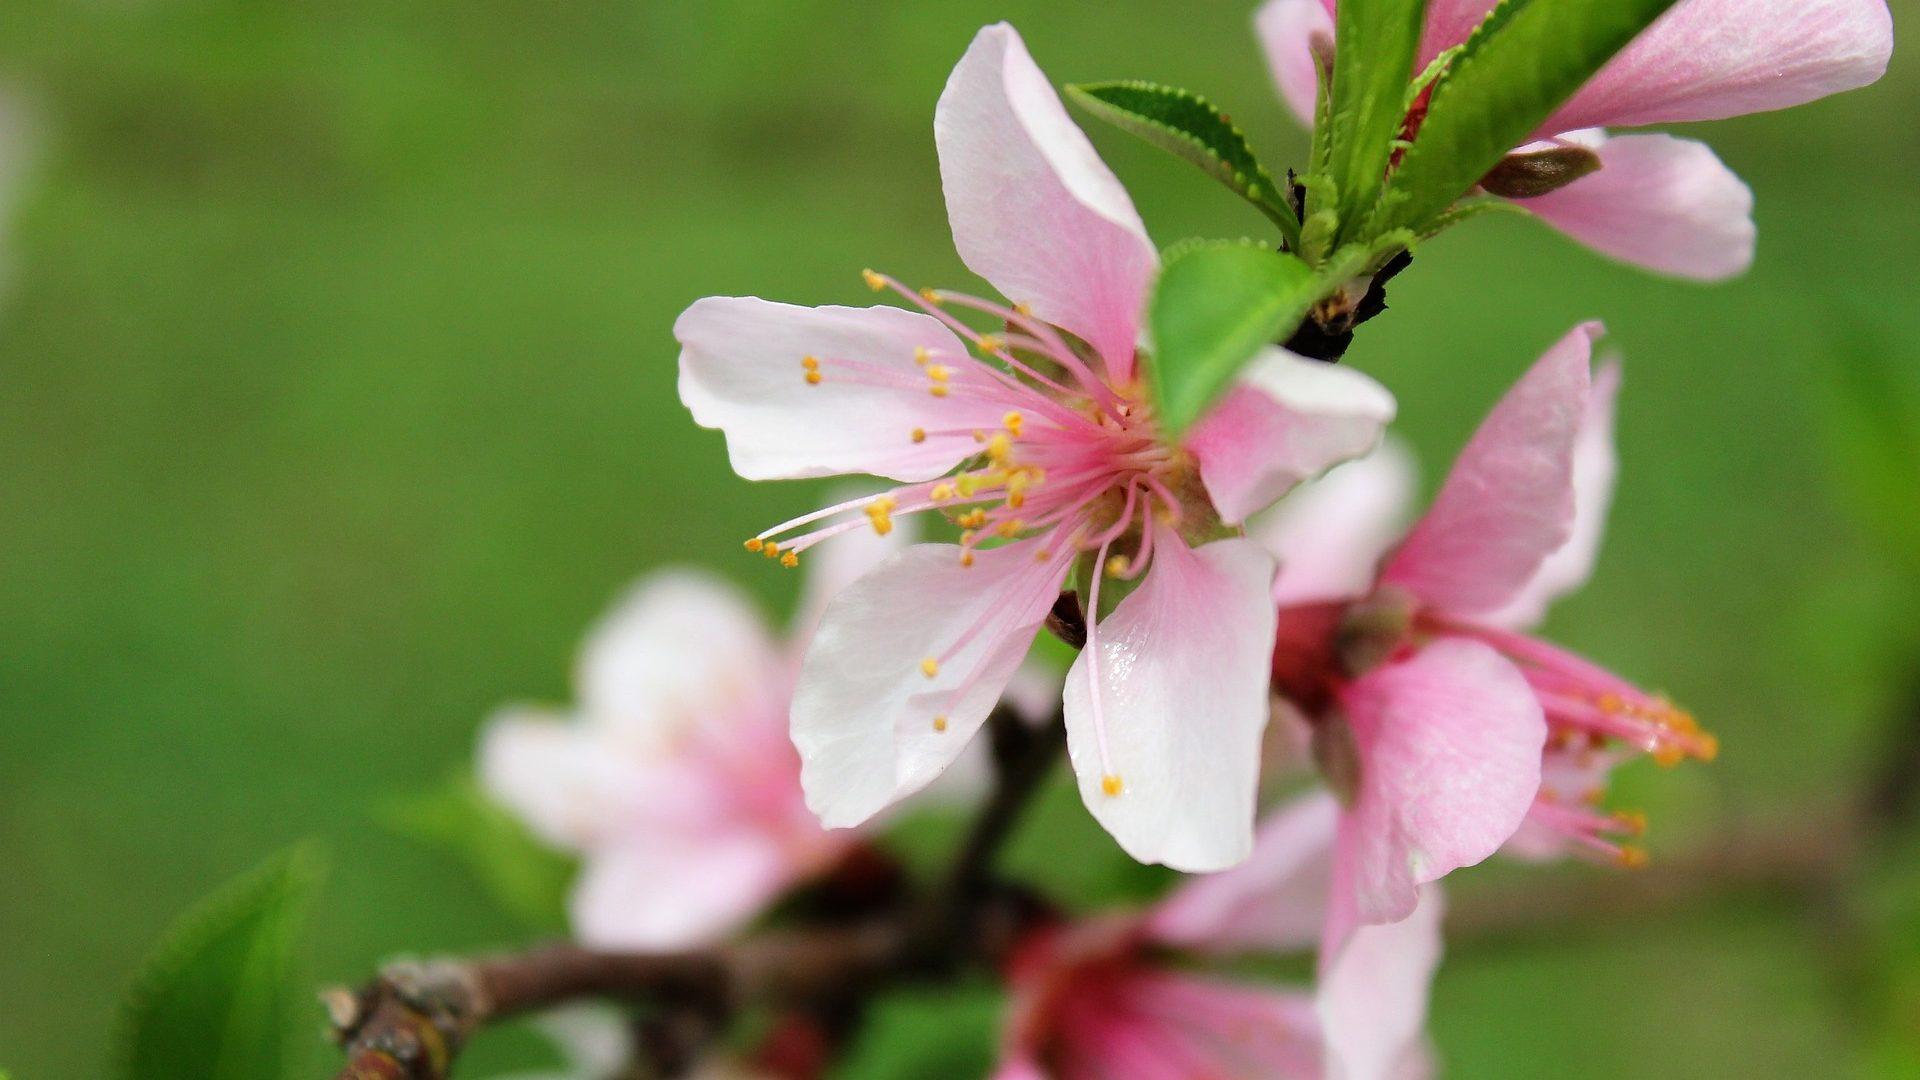 nectarine-flower-3183926_1920